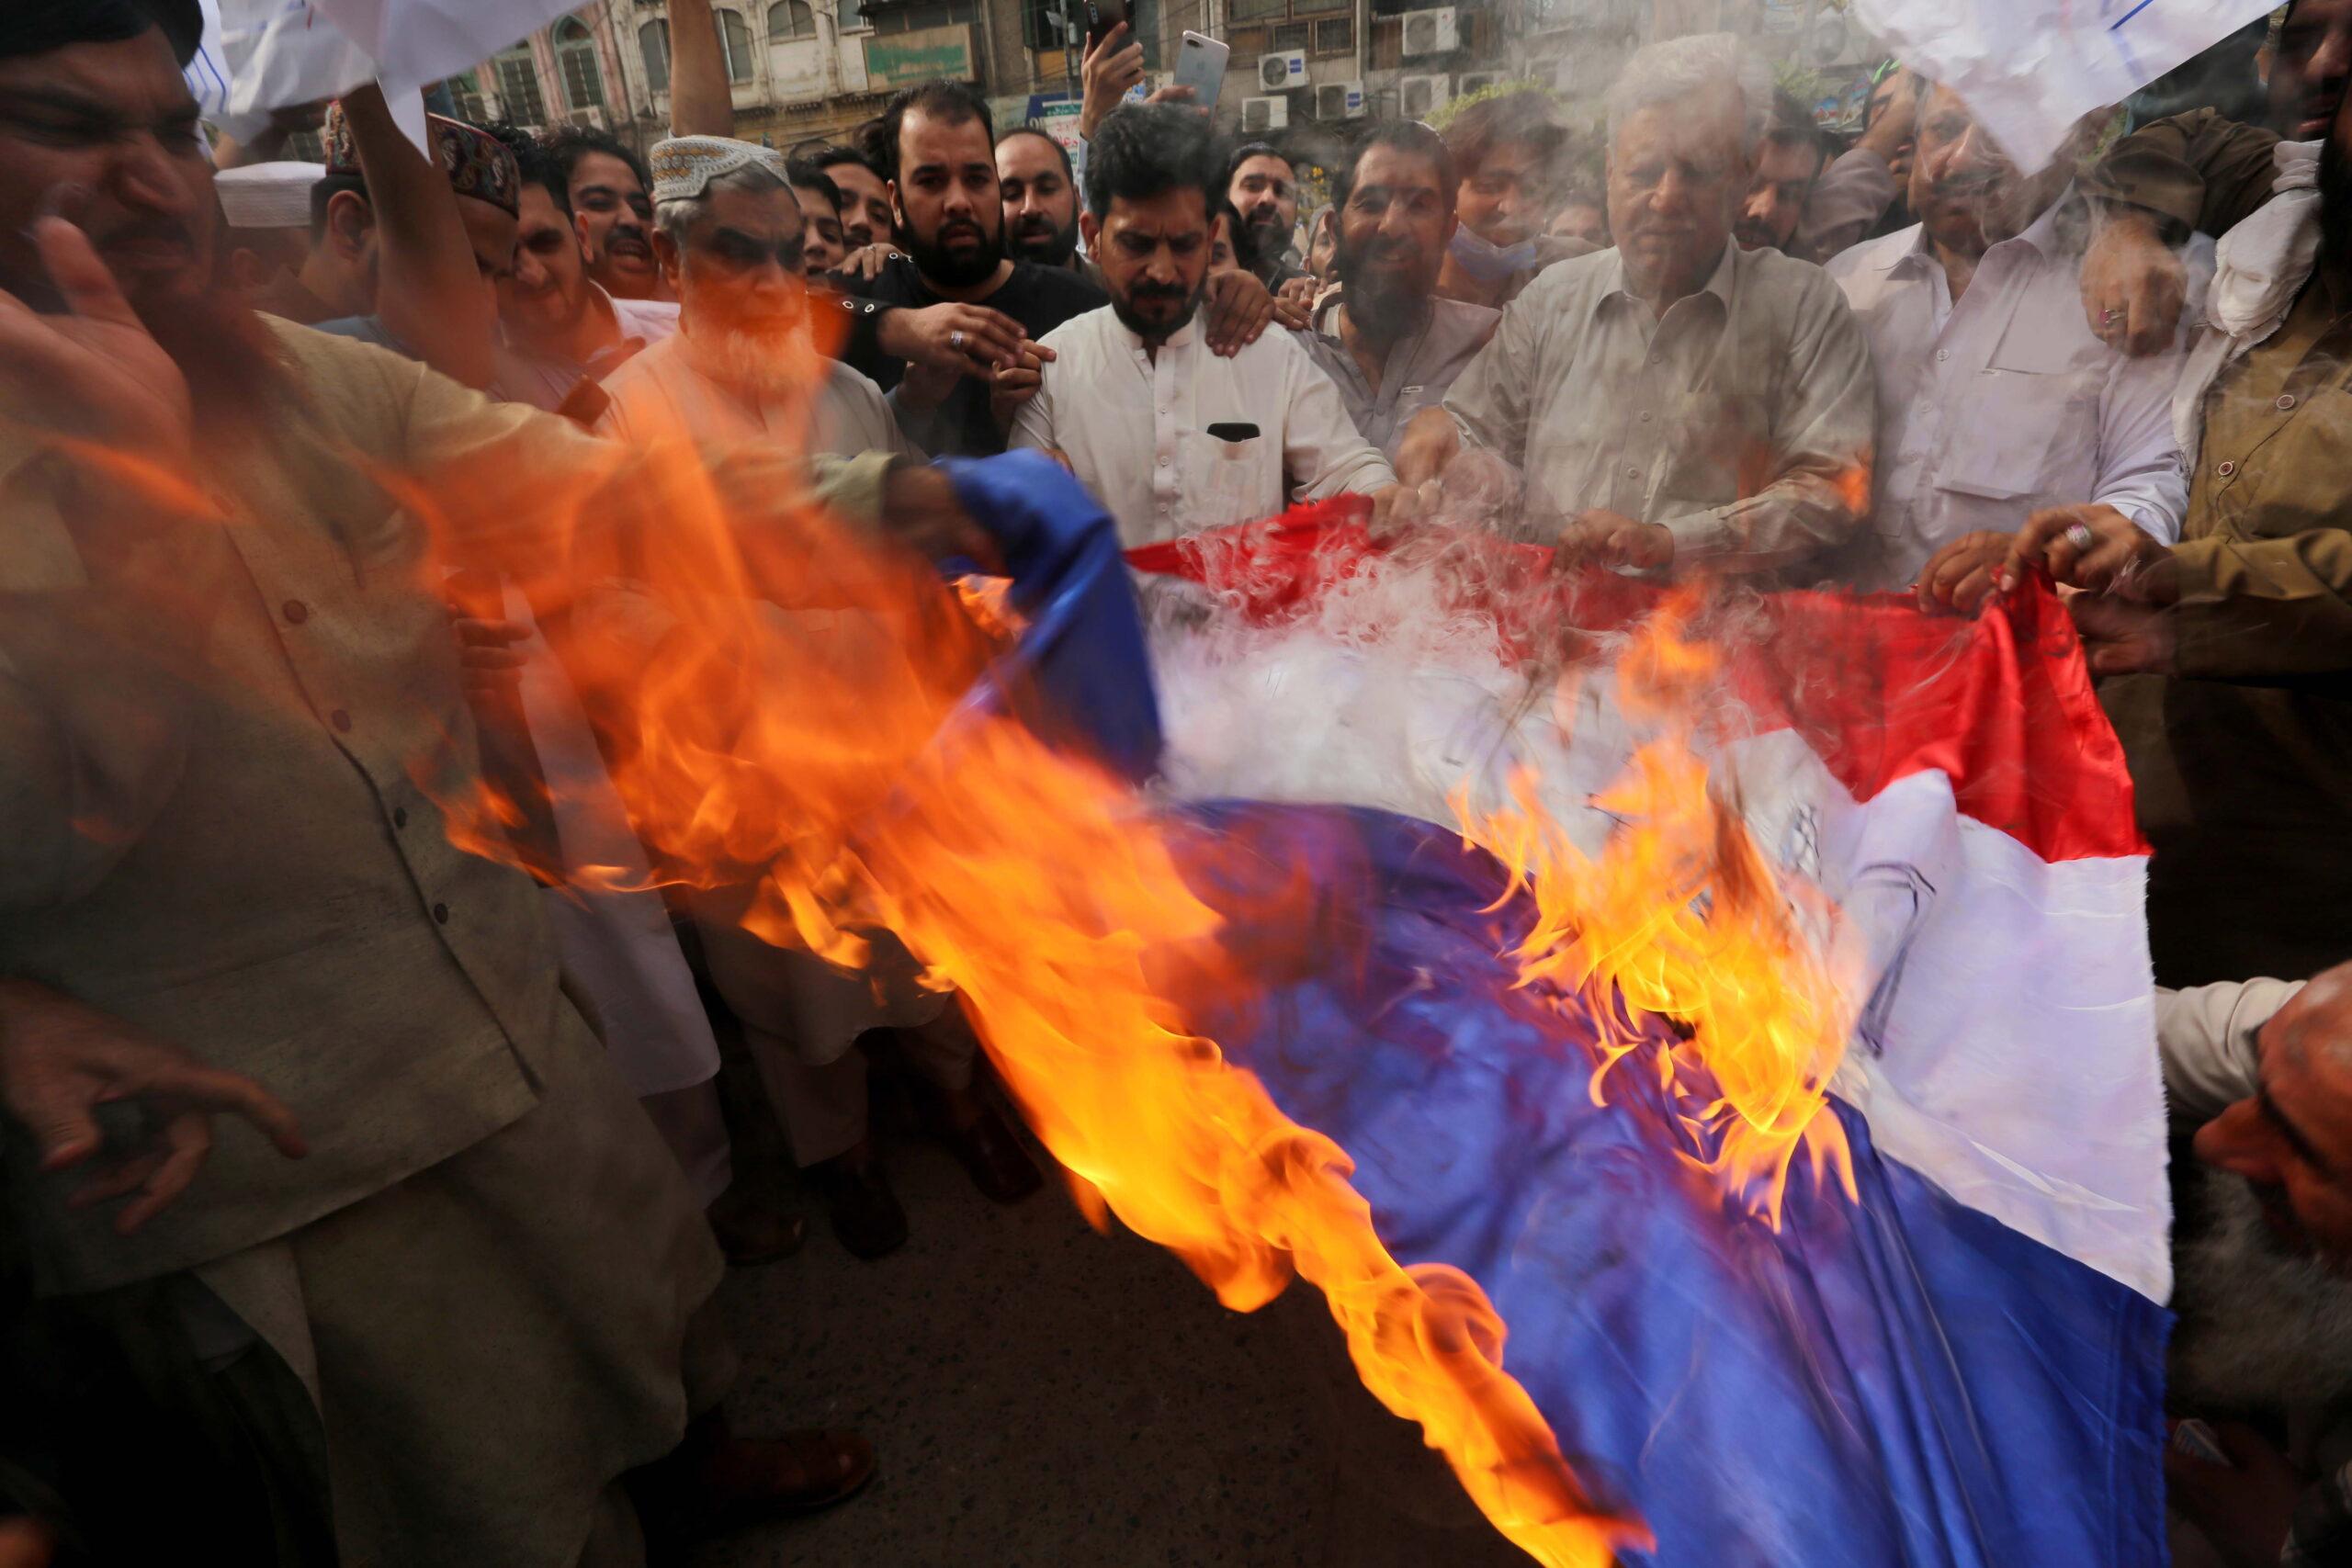 Muszlimok bosszújától féltik a franciákat